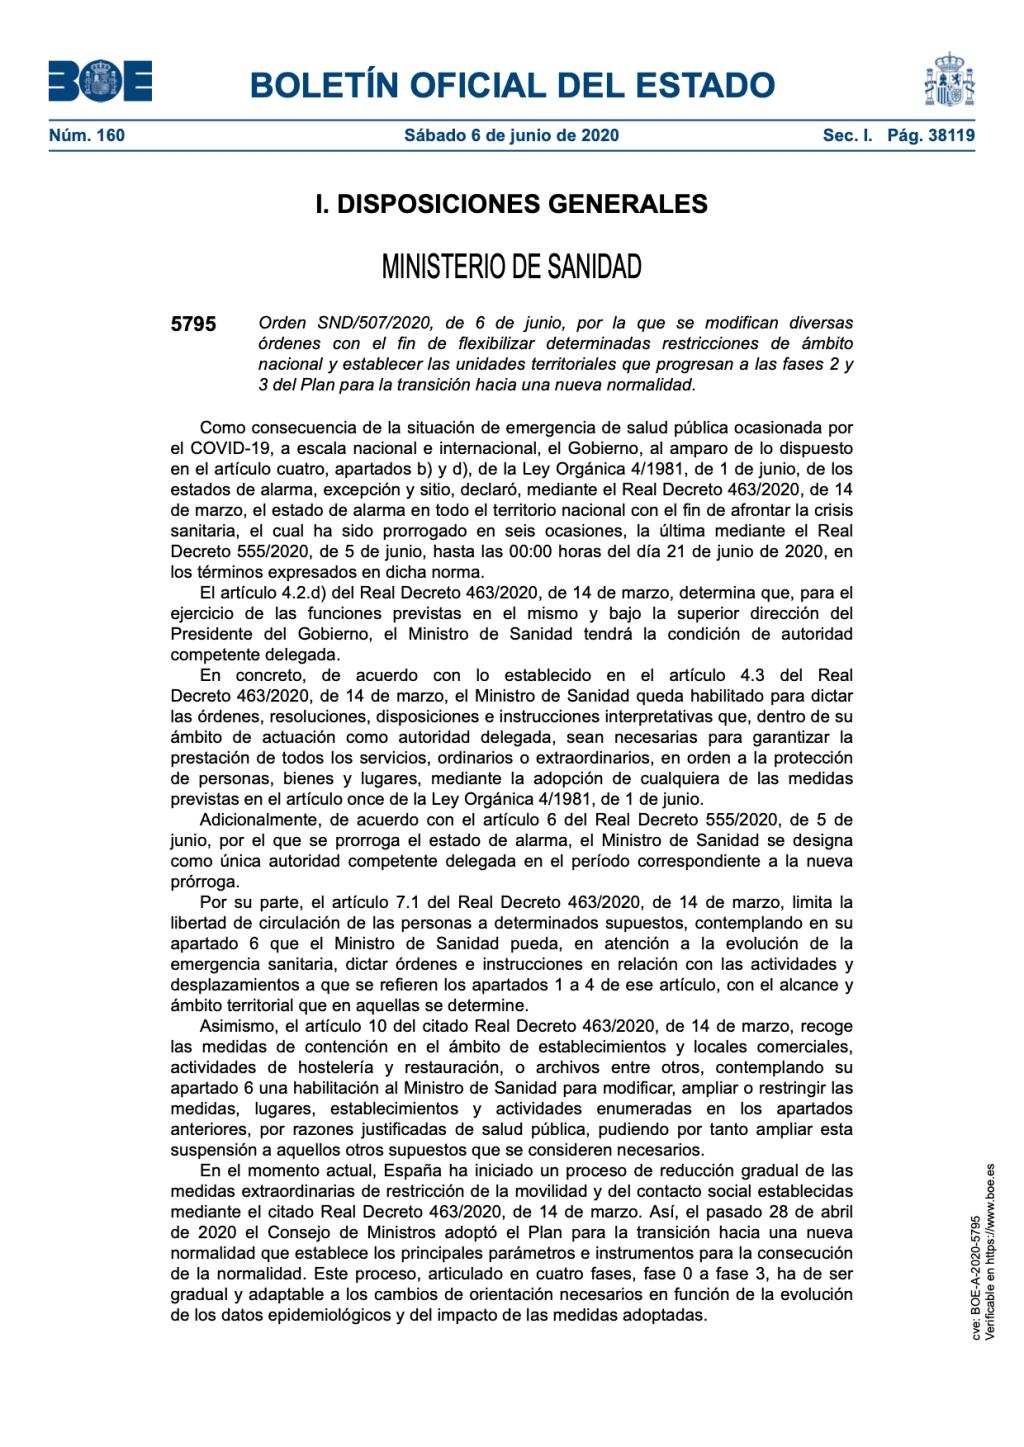 Flexibilización de determinadas restricciones de ámbito nacional y establecer las unidades territoriales que progresan a las fases 2 y 3.